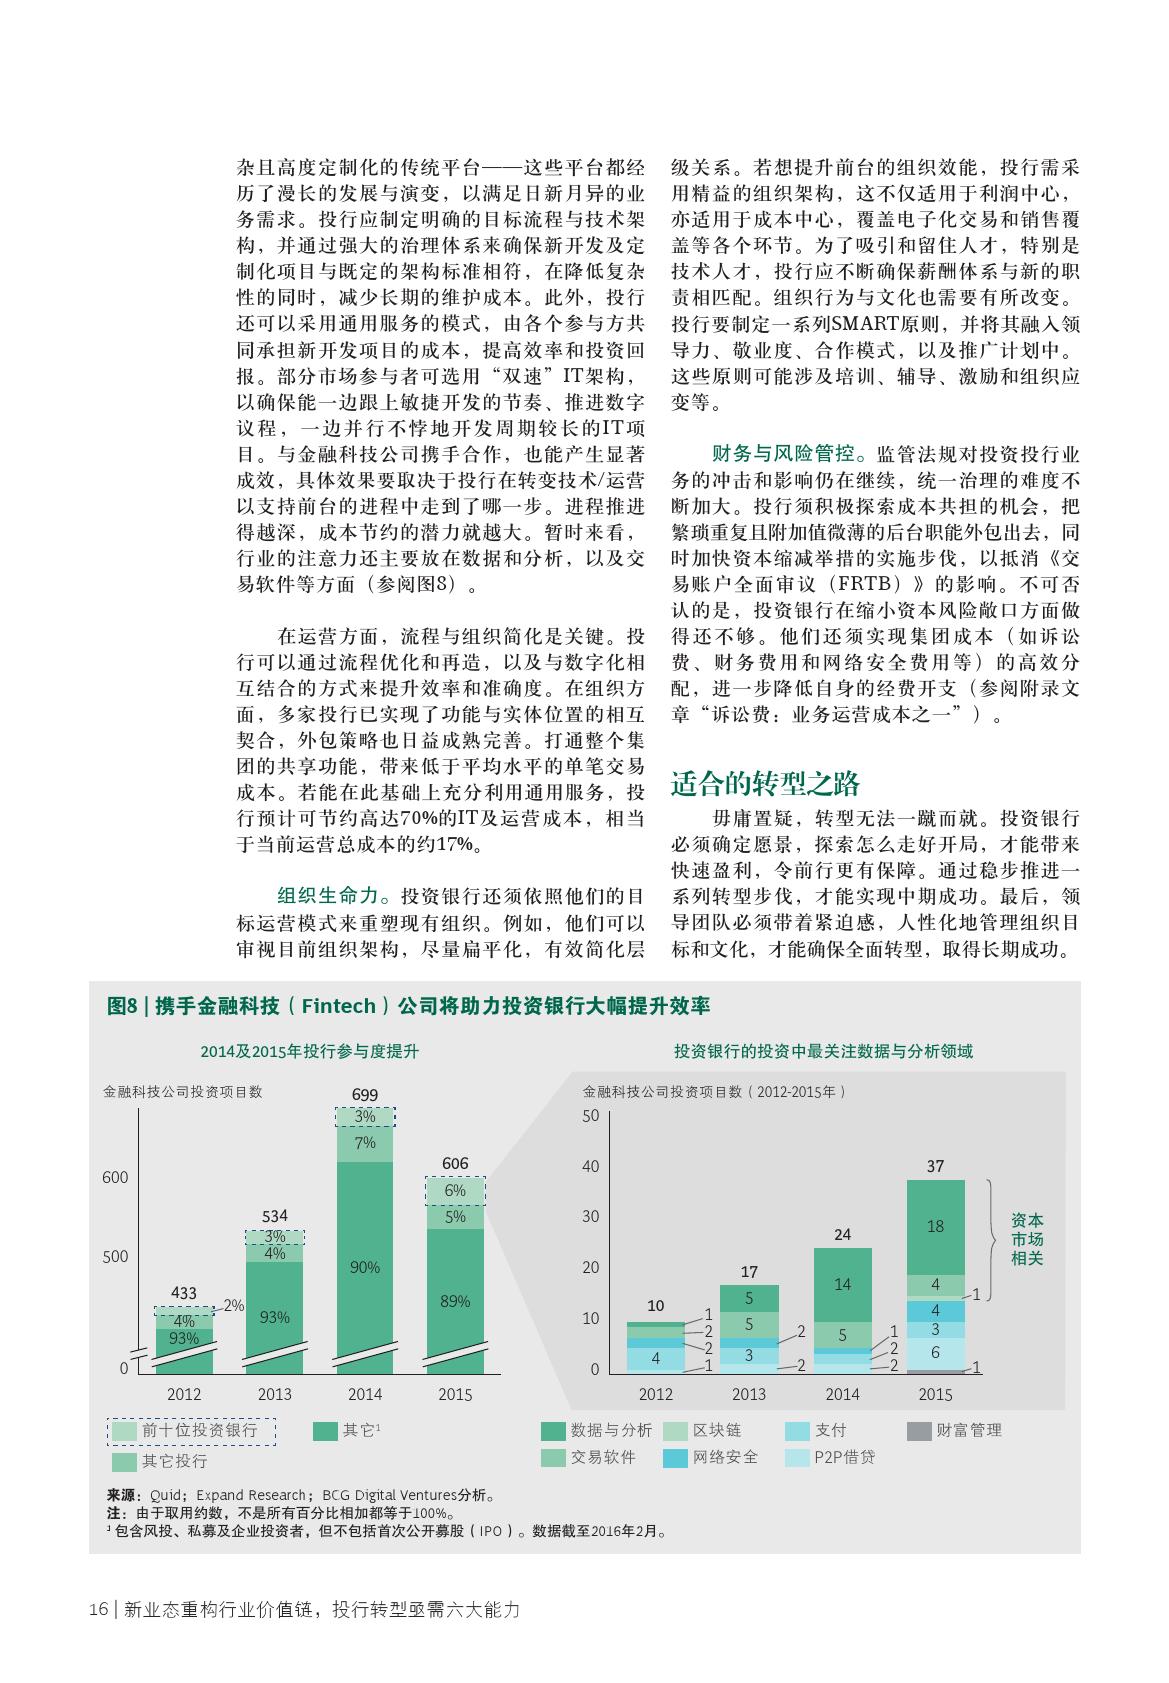 2016年全球资本市场报告_000018